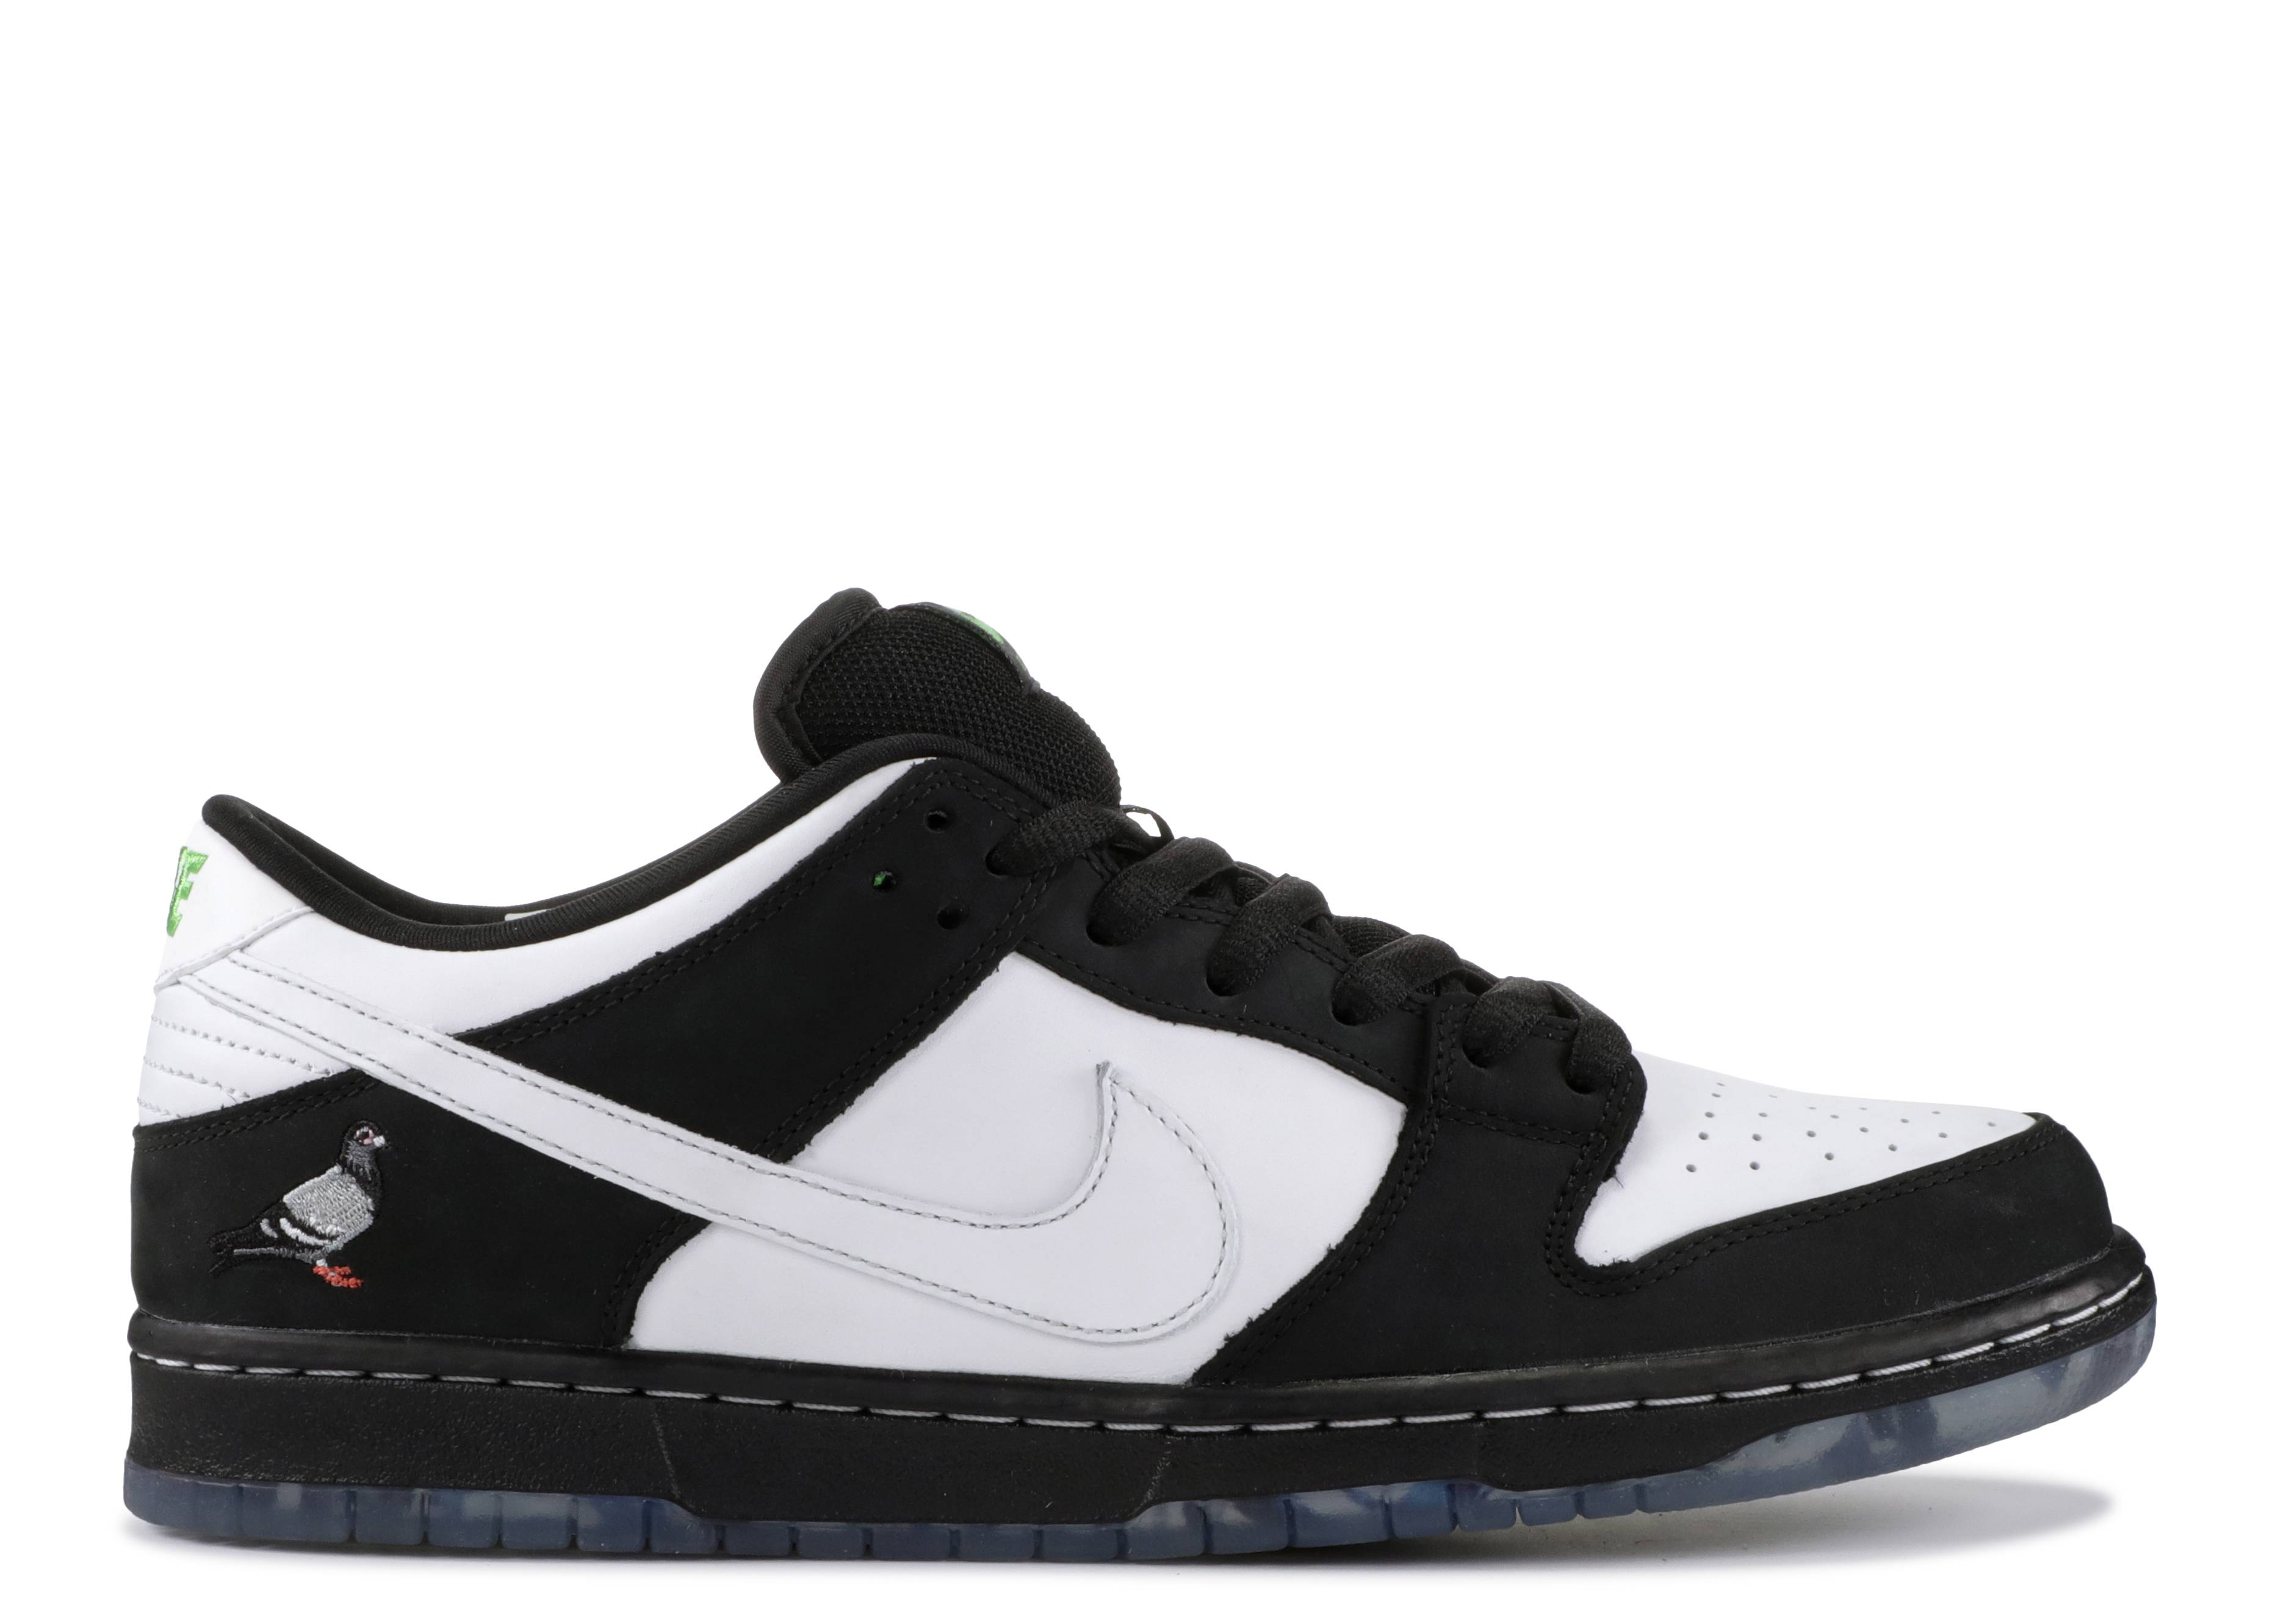 Nike Sb Dunk Low Pro Og